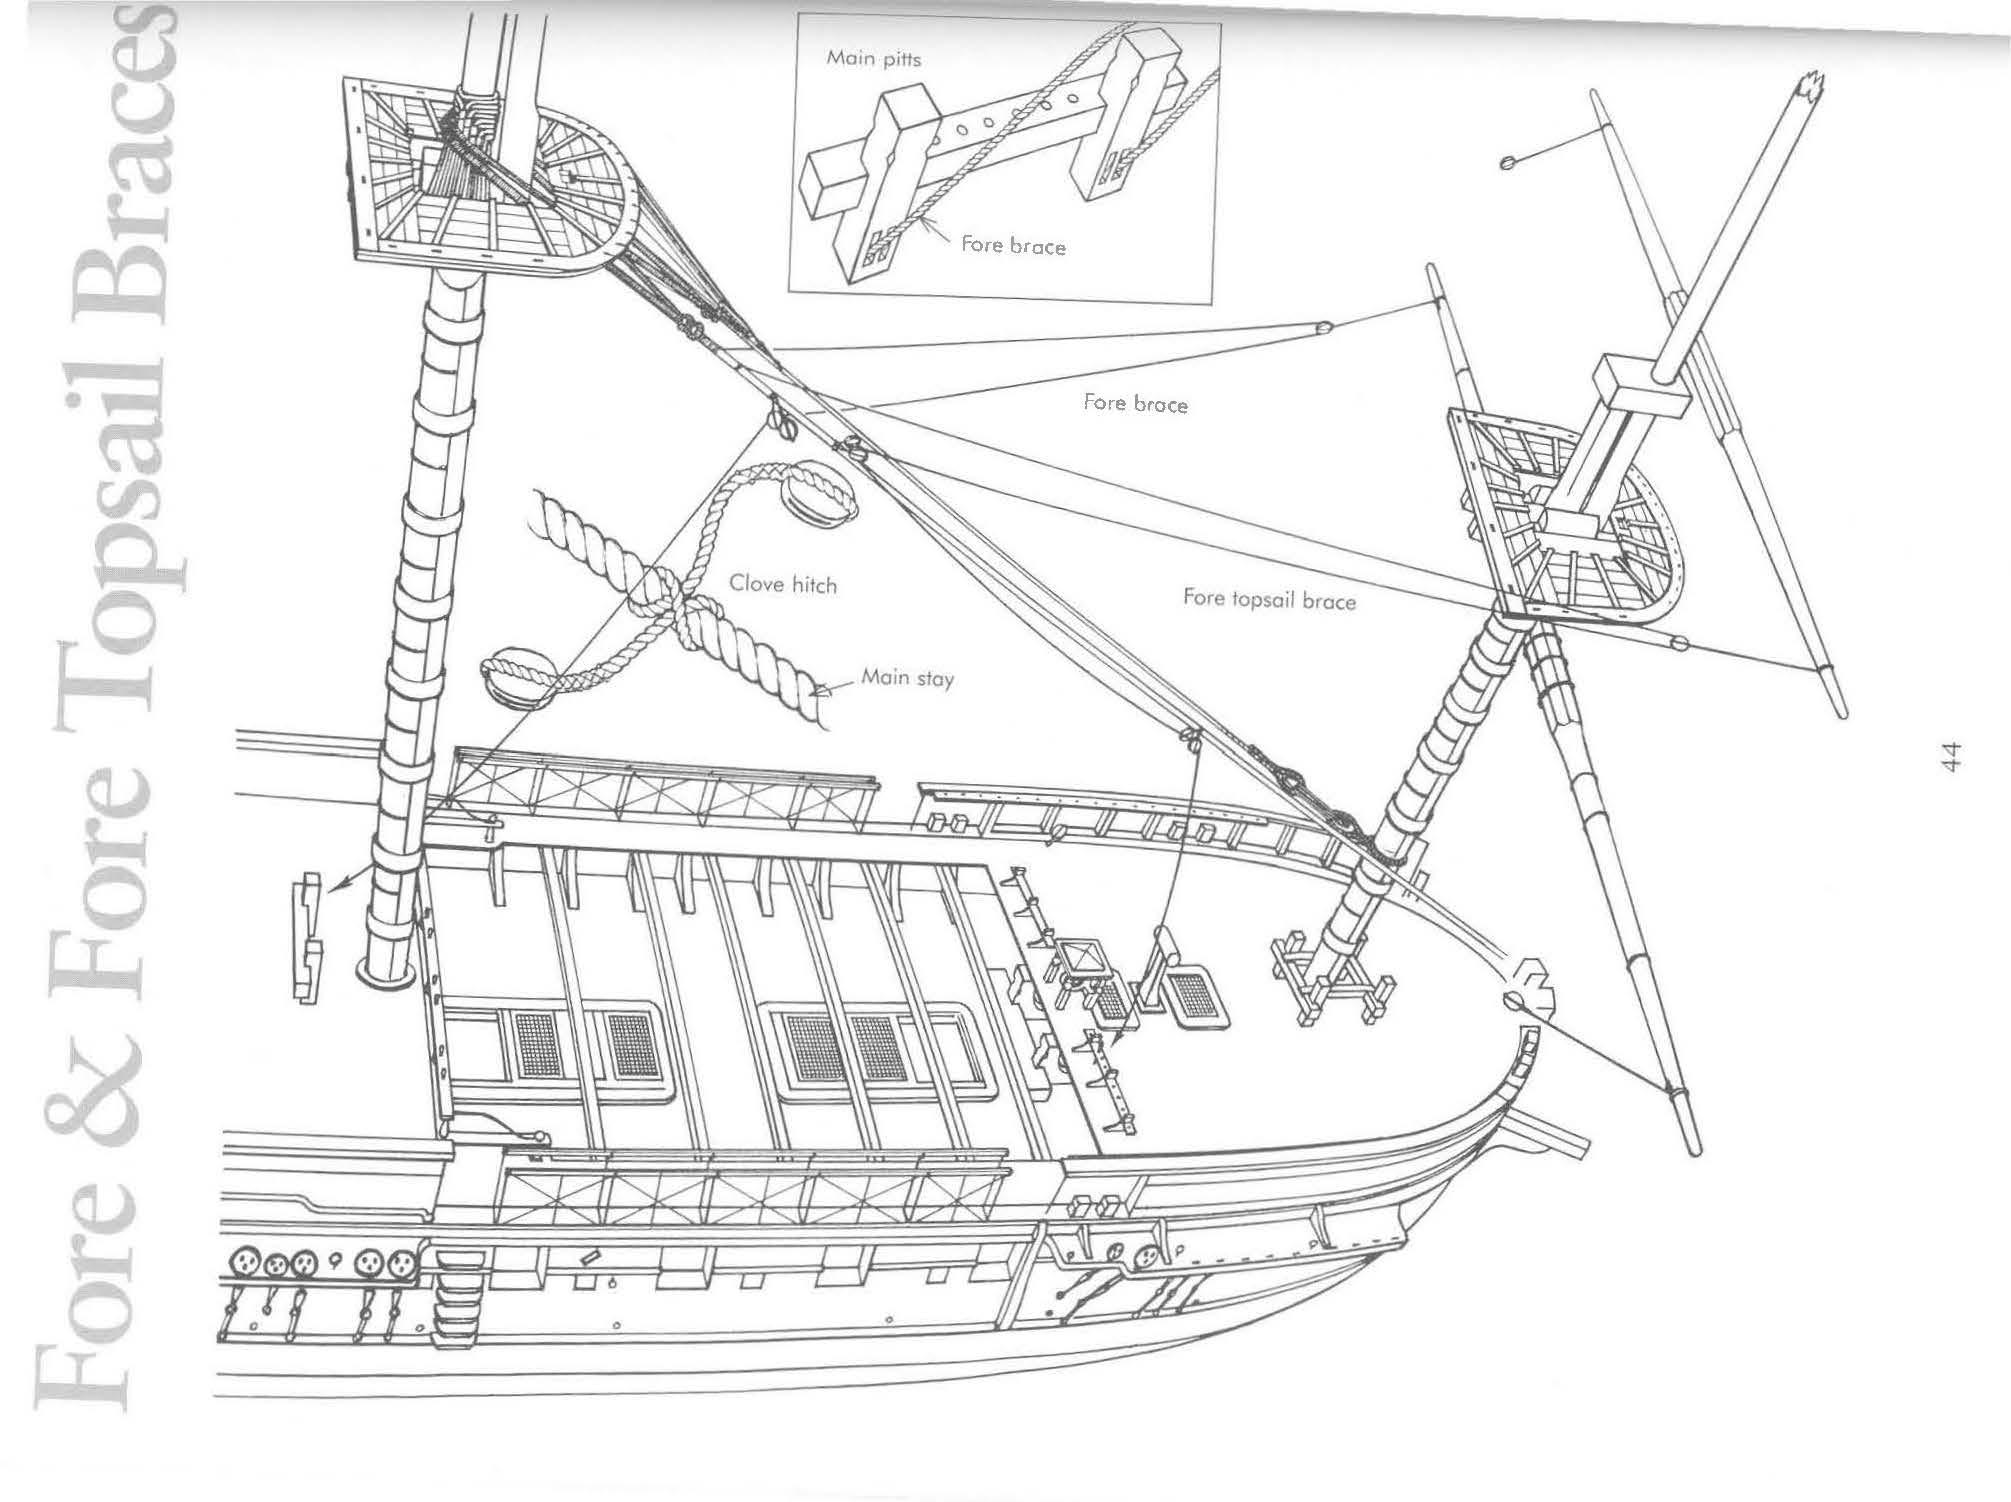 Frégate USS Constitution (Revell ~1/150°) de mcpleiades - Page 3 Page_d10